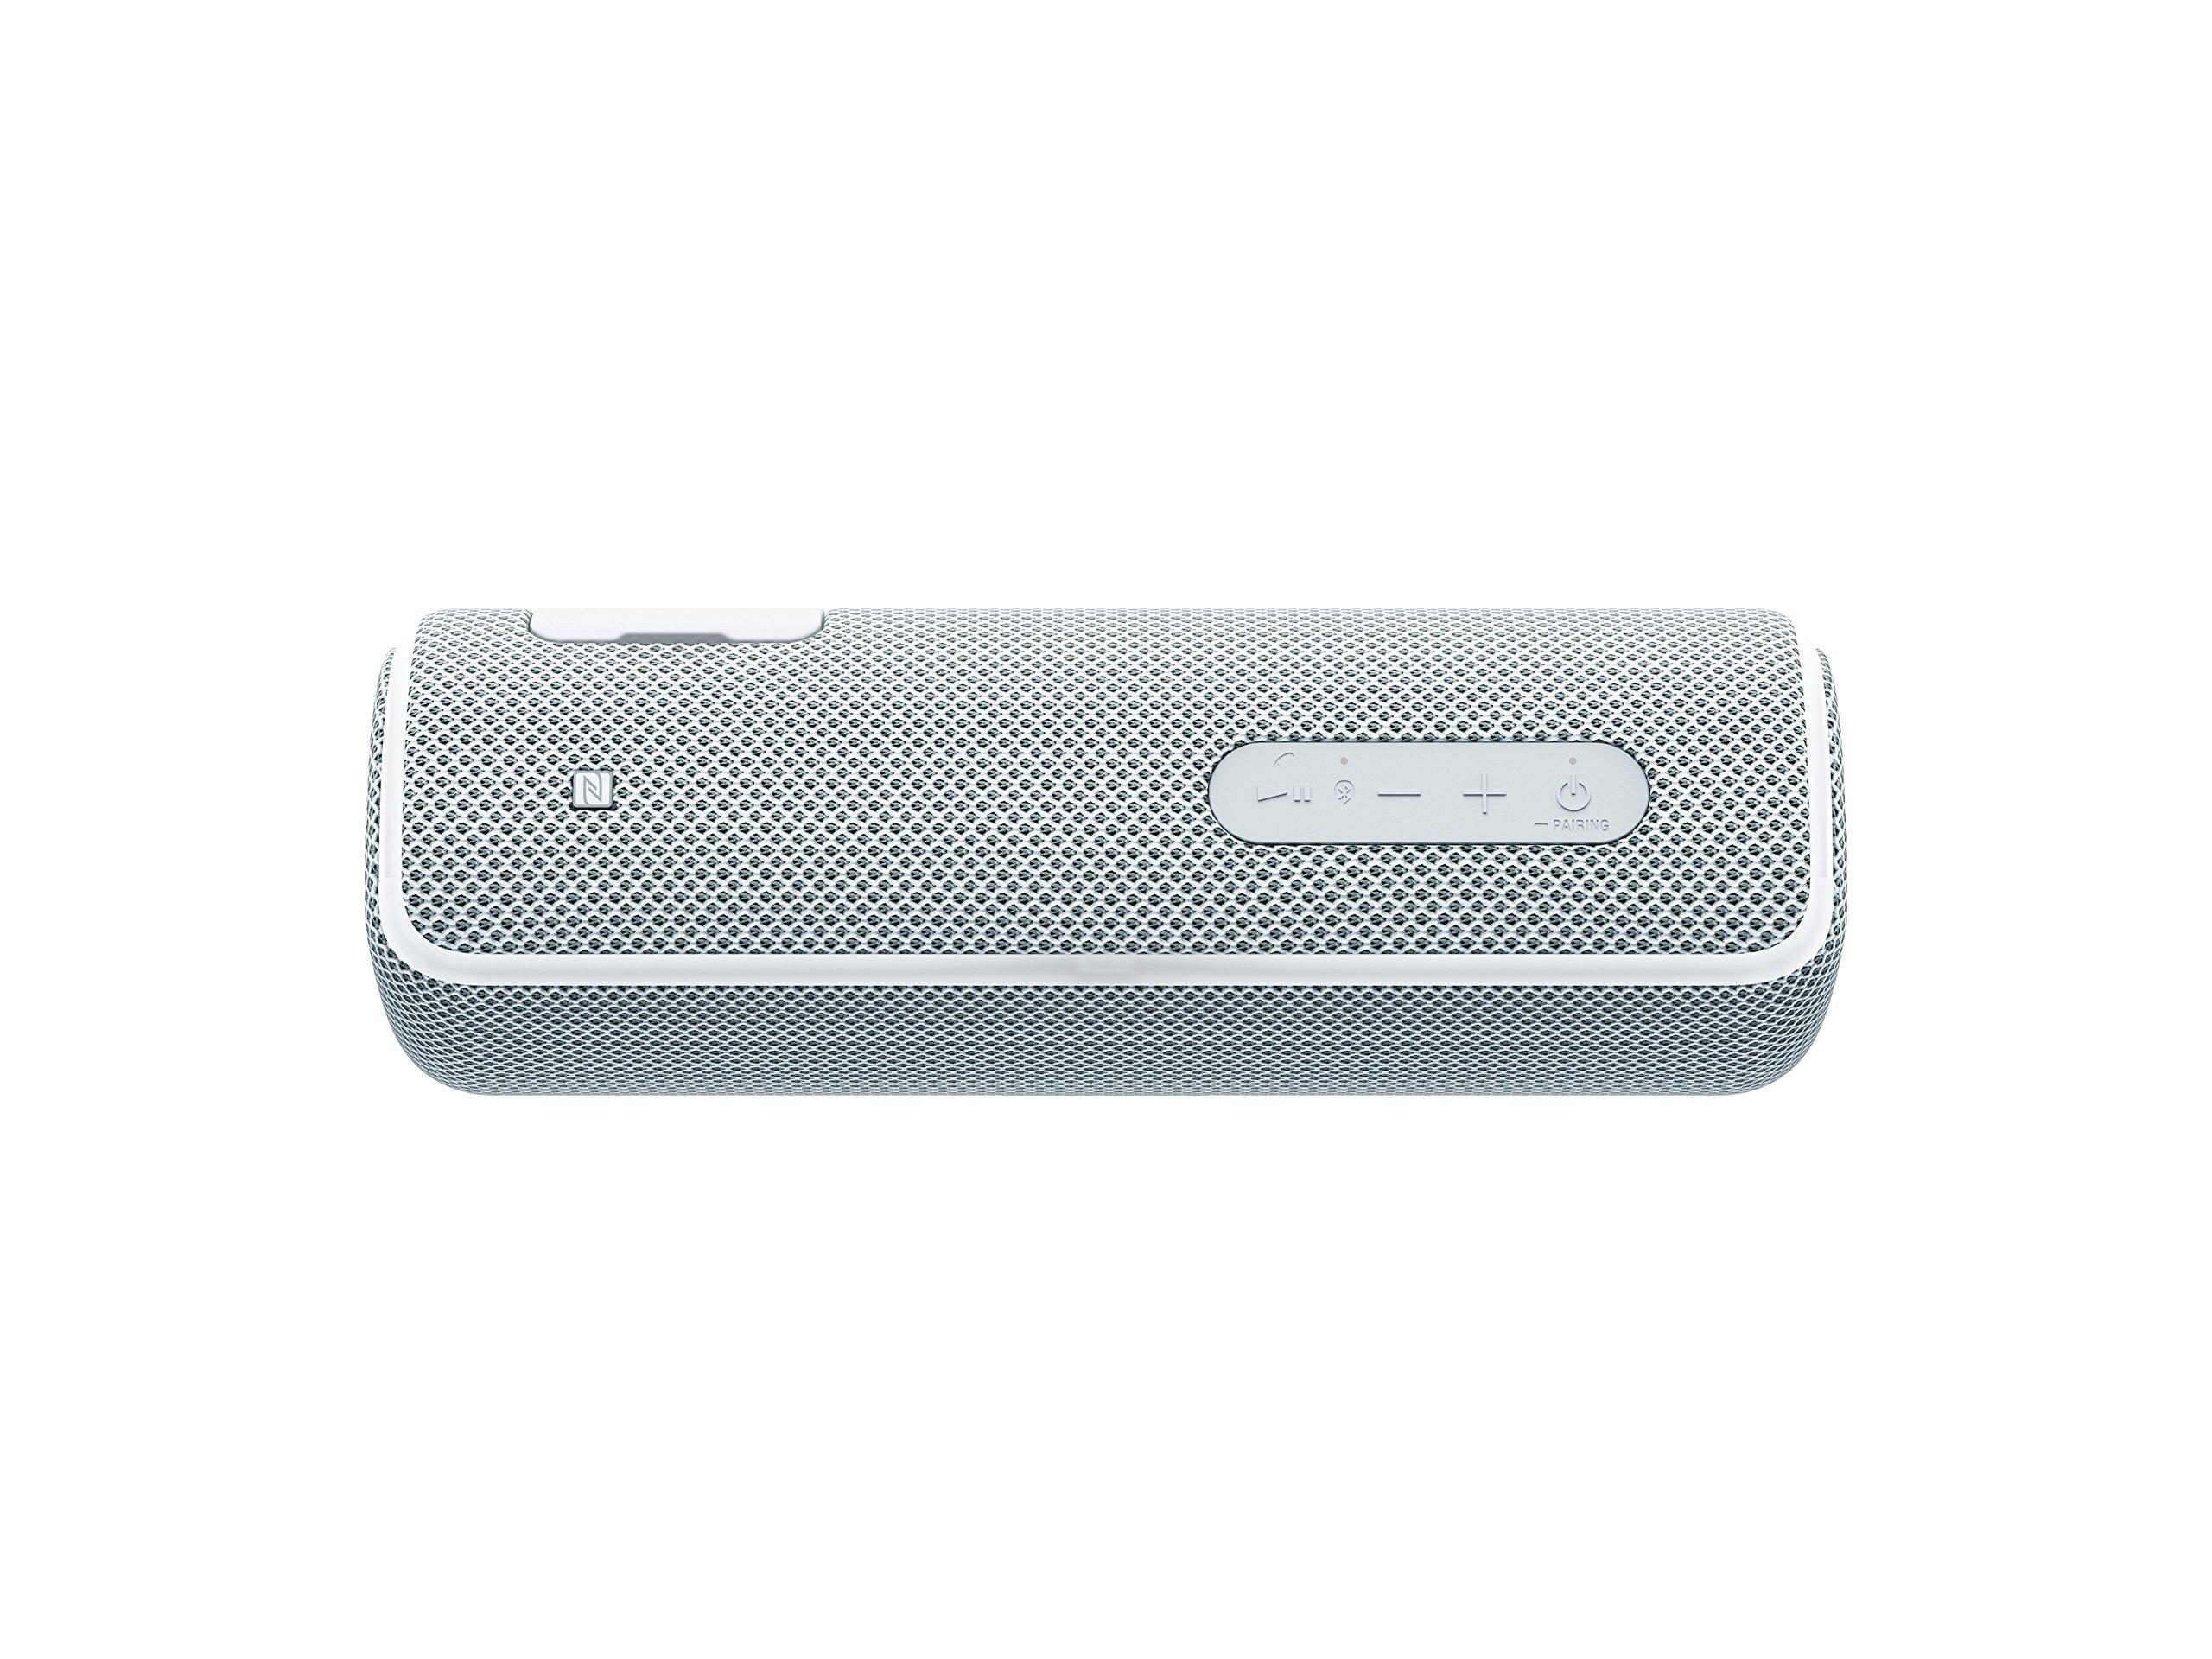 Sony Portable Wireless Waterproof Speaker 5